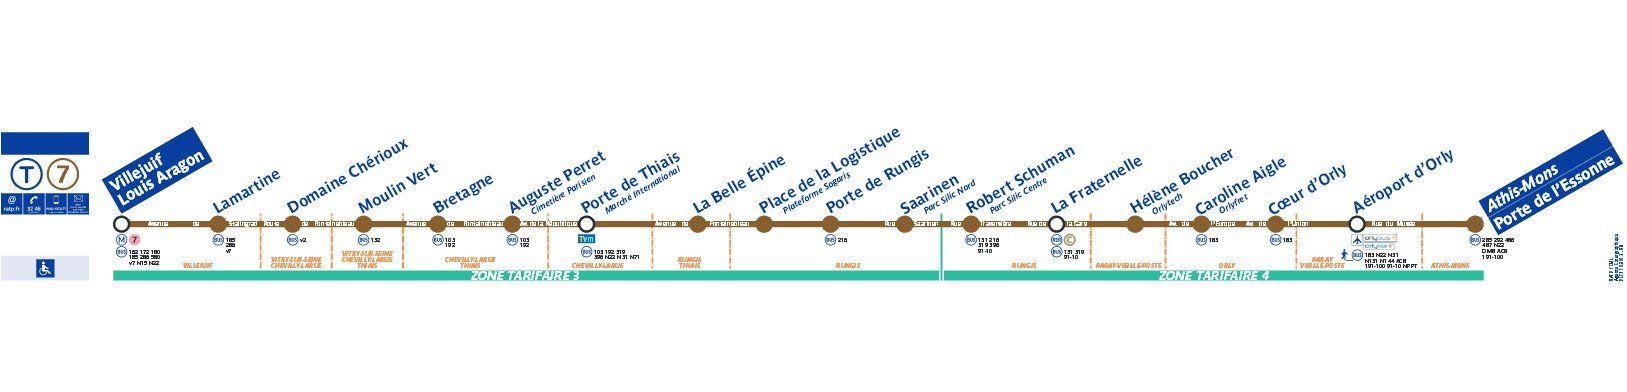 Línea T7 del tranvía de París